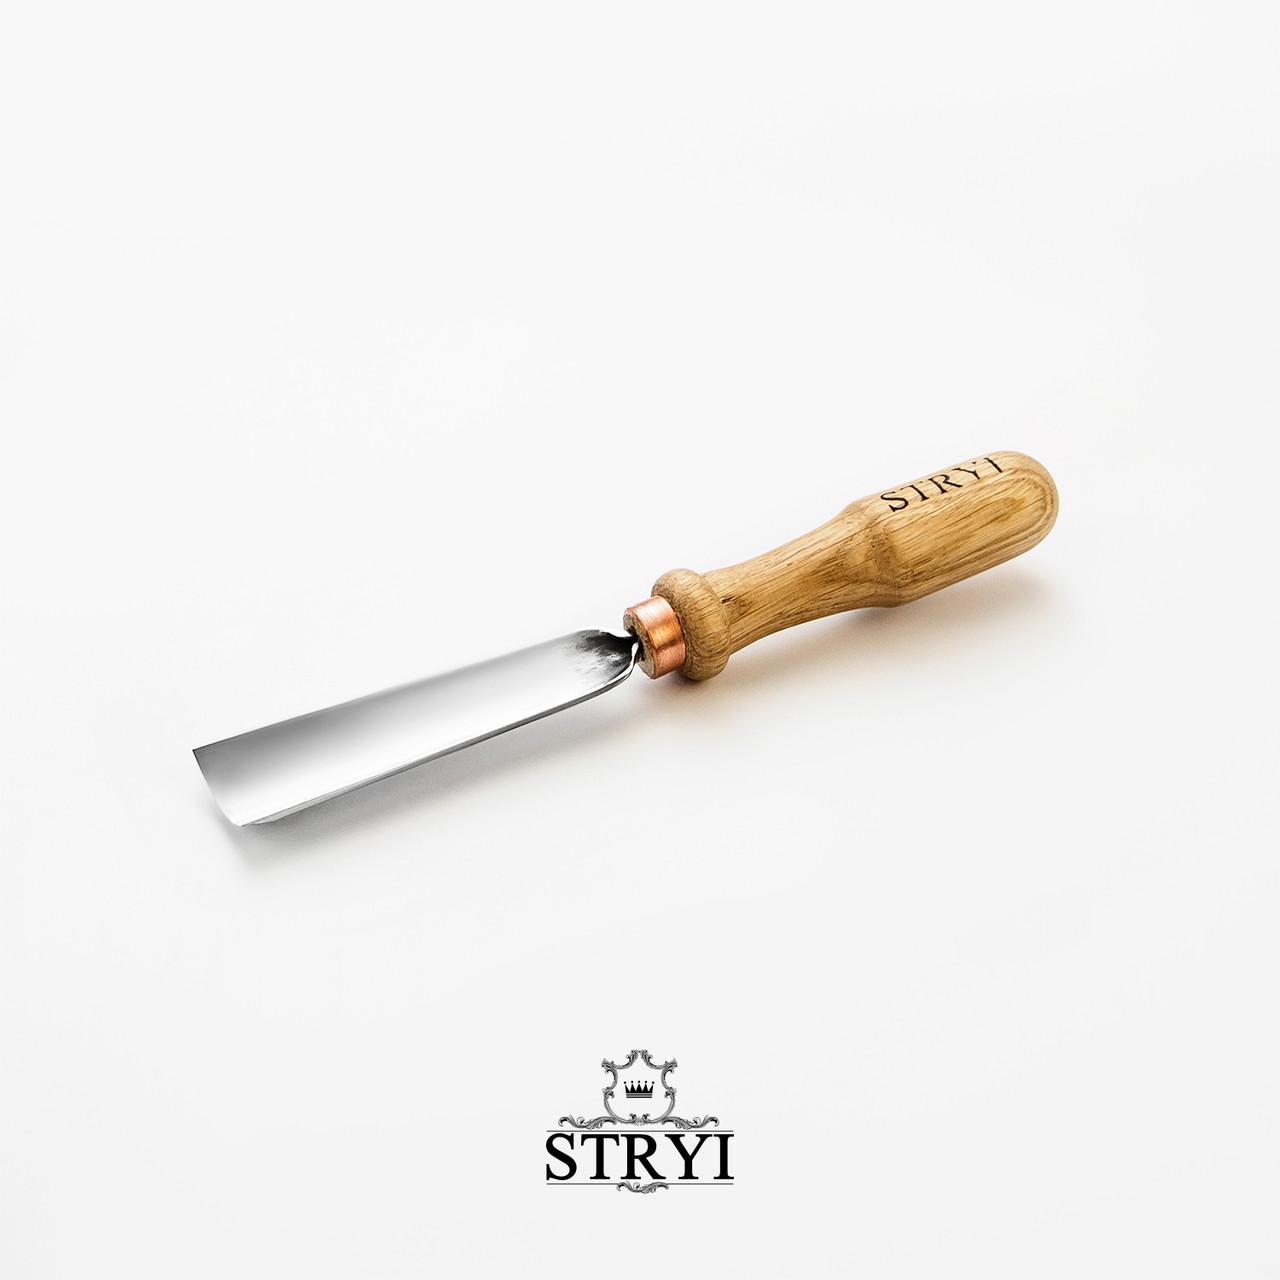 Стамеска профессиональная отлогая STRYI 30 мм от производителя, профиль №7